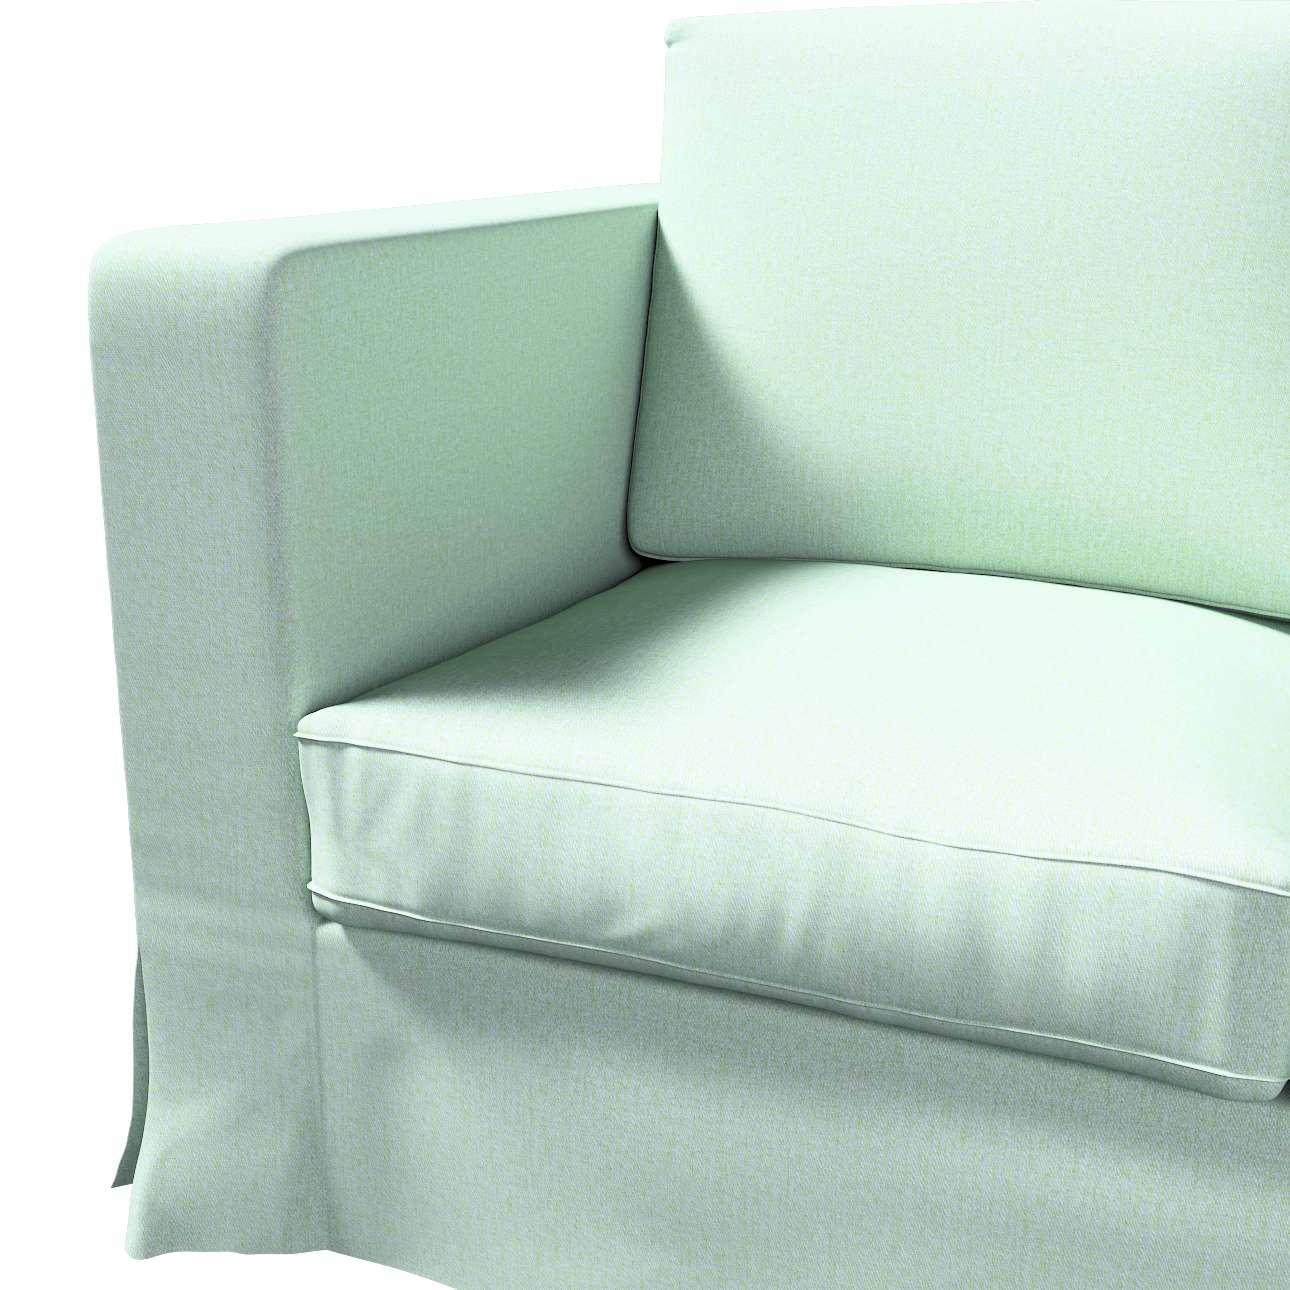 Bezug für Karlanda 3-Sitzer Sofa nicht ausklappbar, lang von der Kollektion Living, Stoff: 161-61